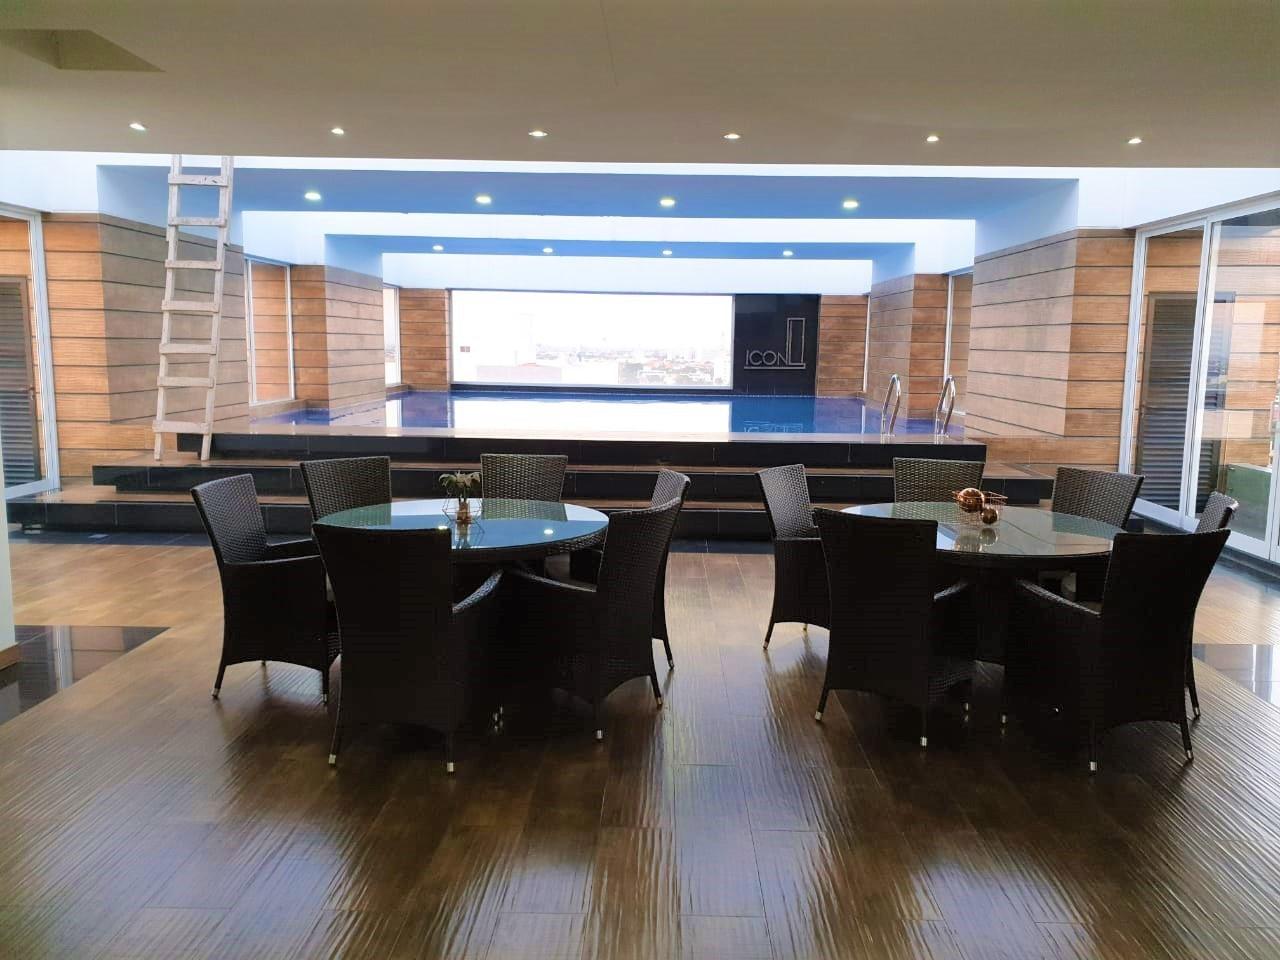 Departamento en Venta EDIF. ICON - Av. Los Cusis Foto 2